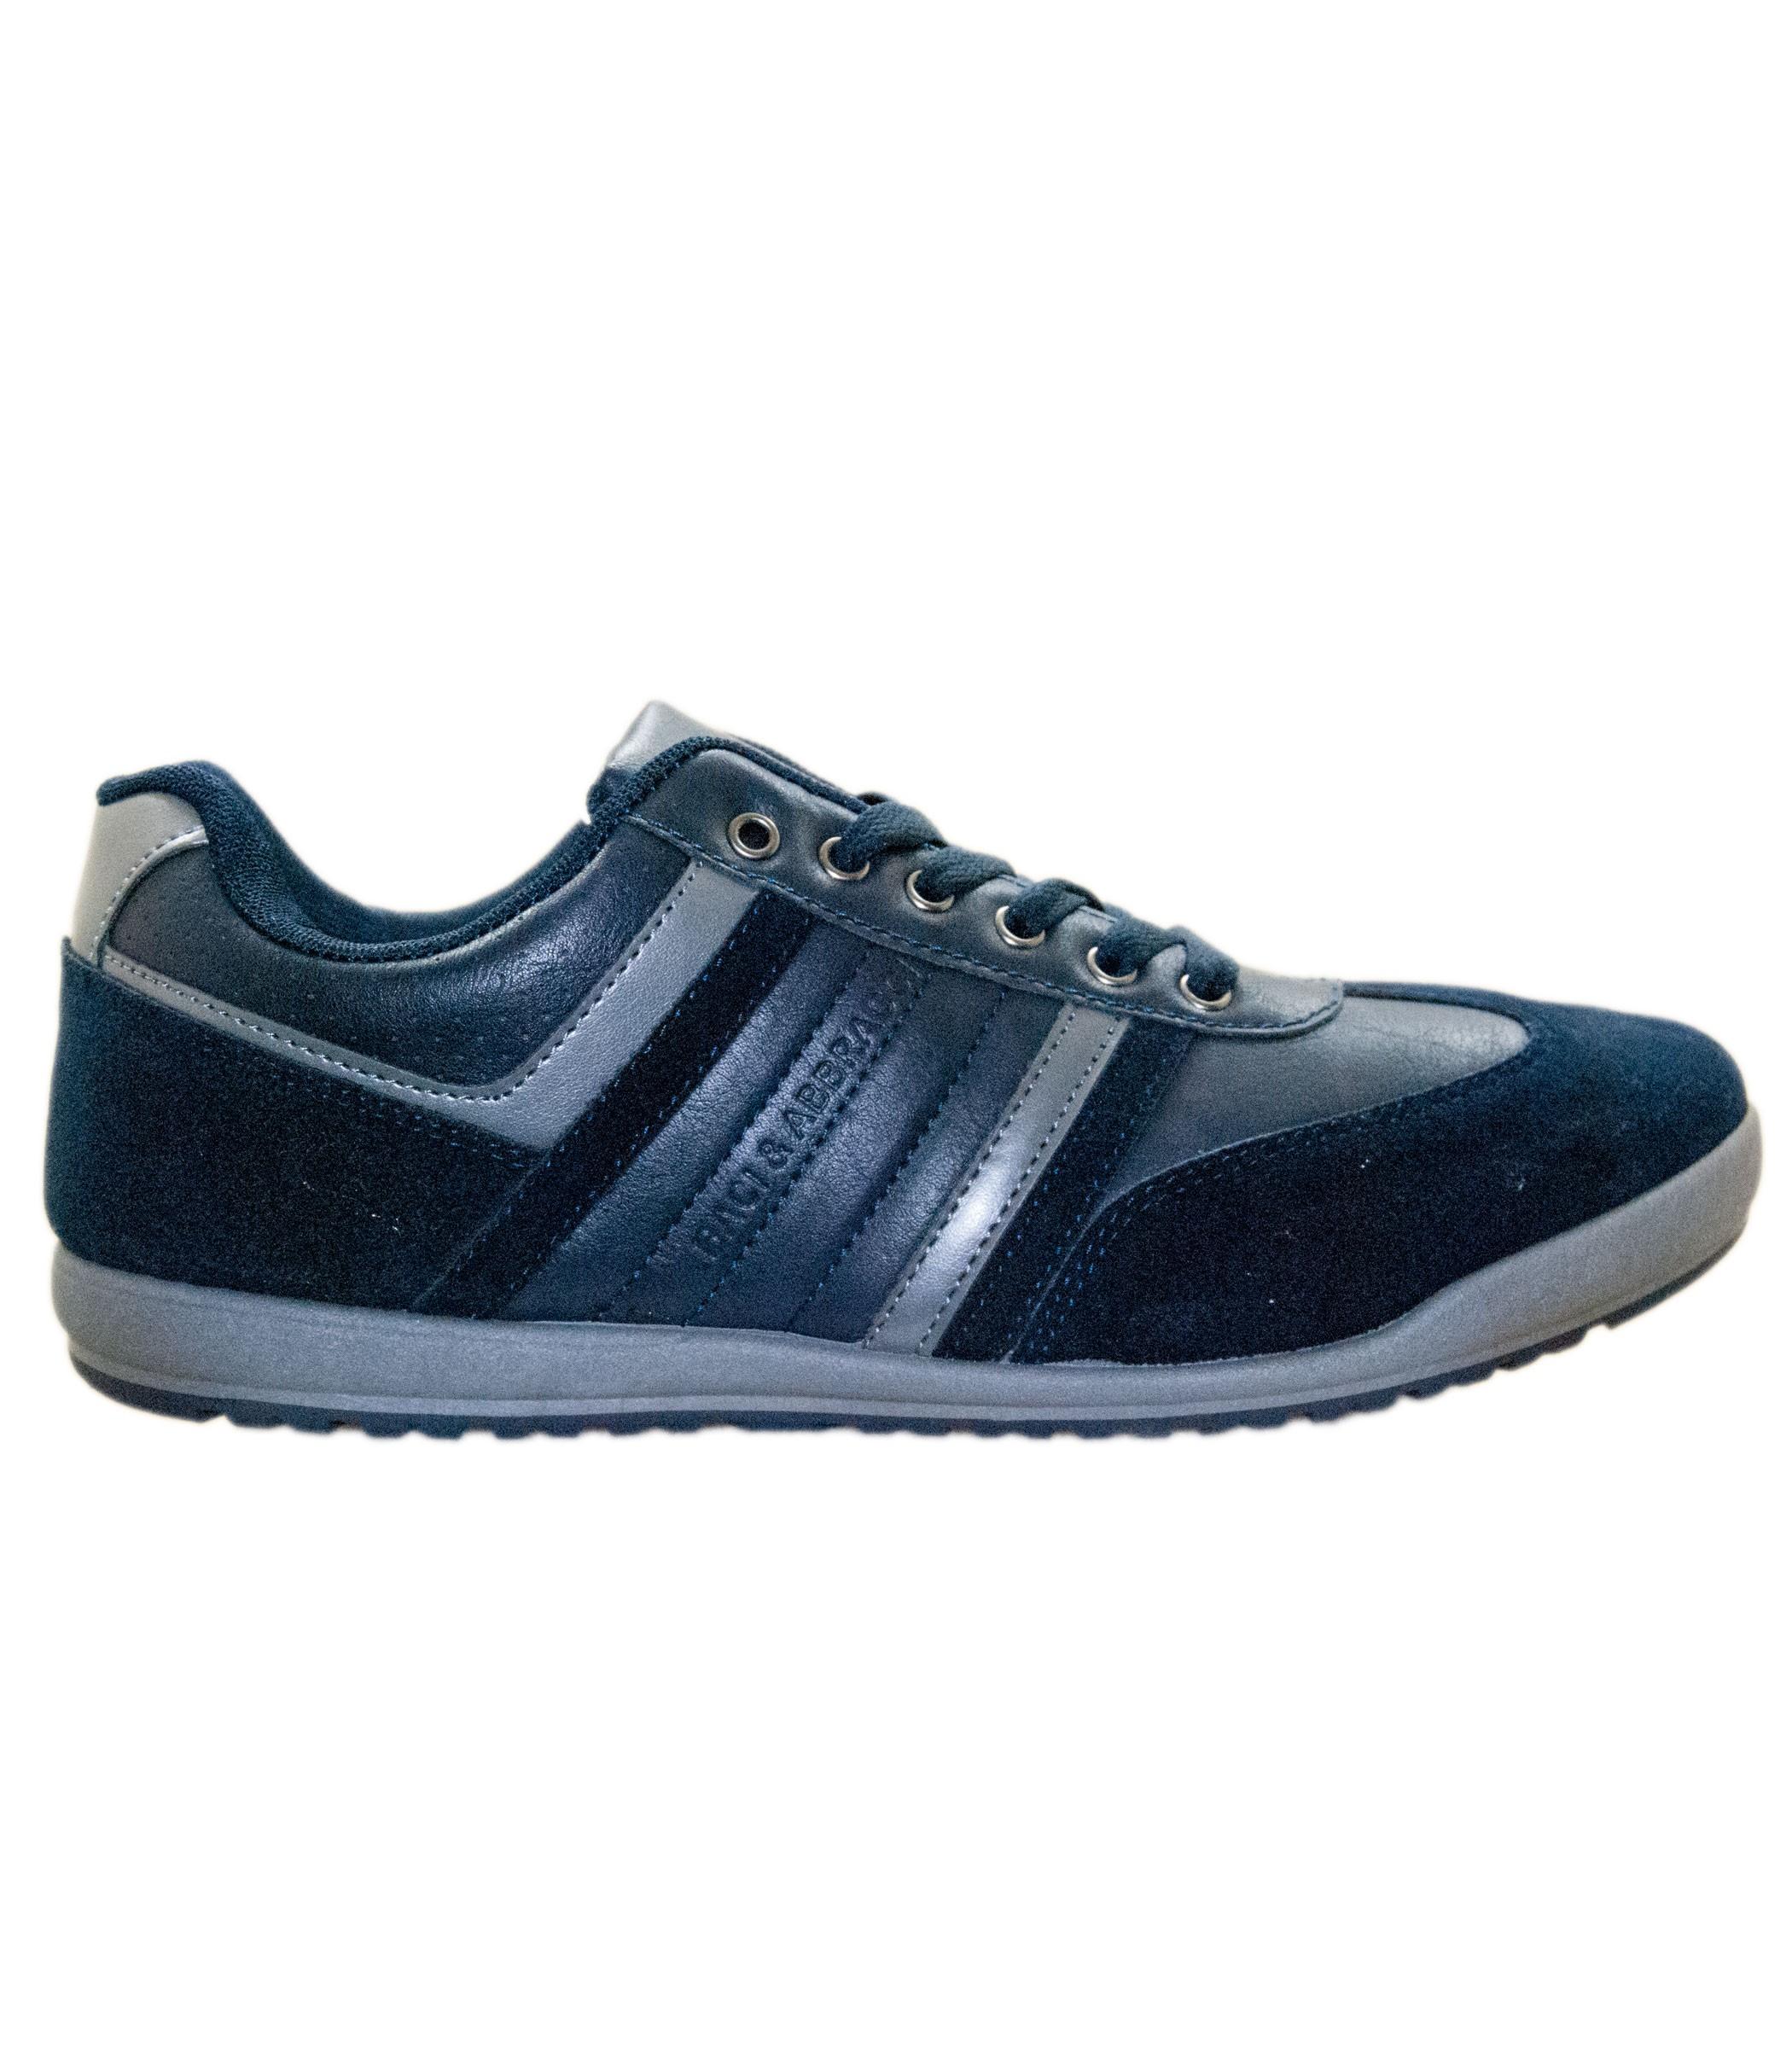 e9a4ebe5f10d7 Scarpe Sneakers da uomo basse con suola in gomma